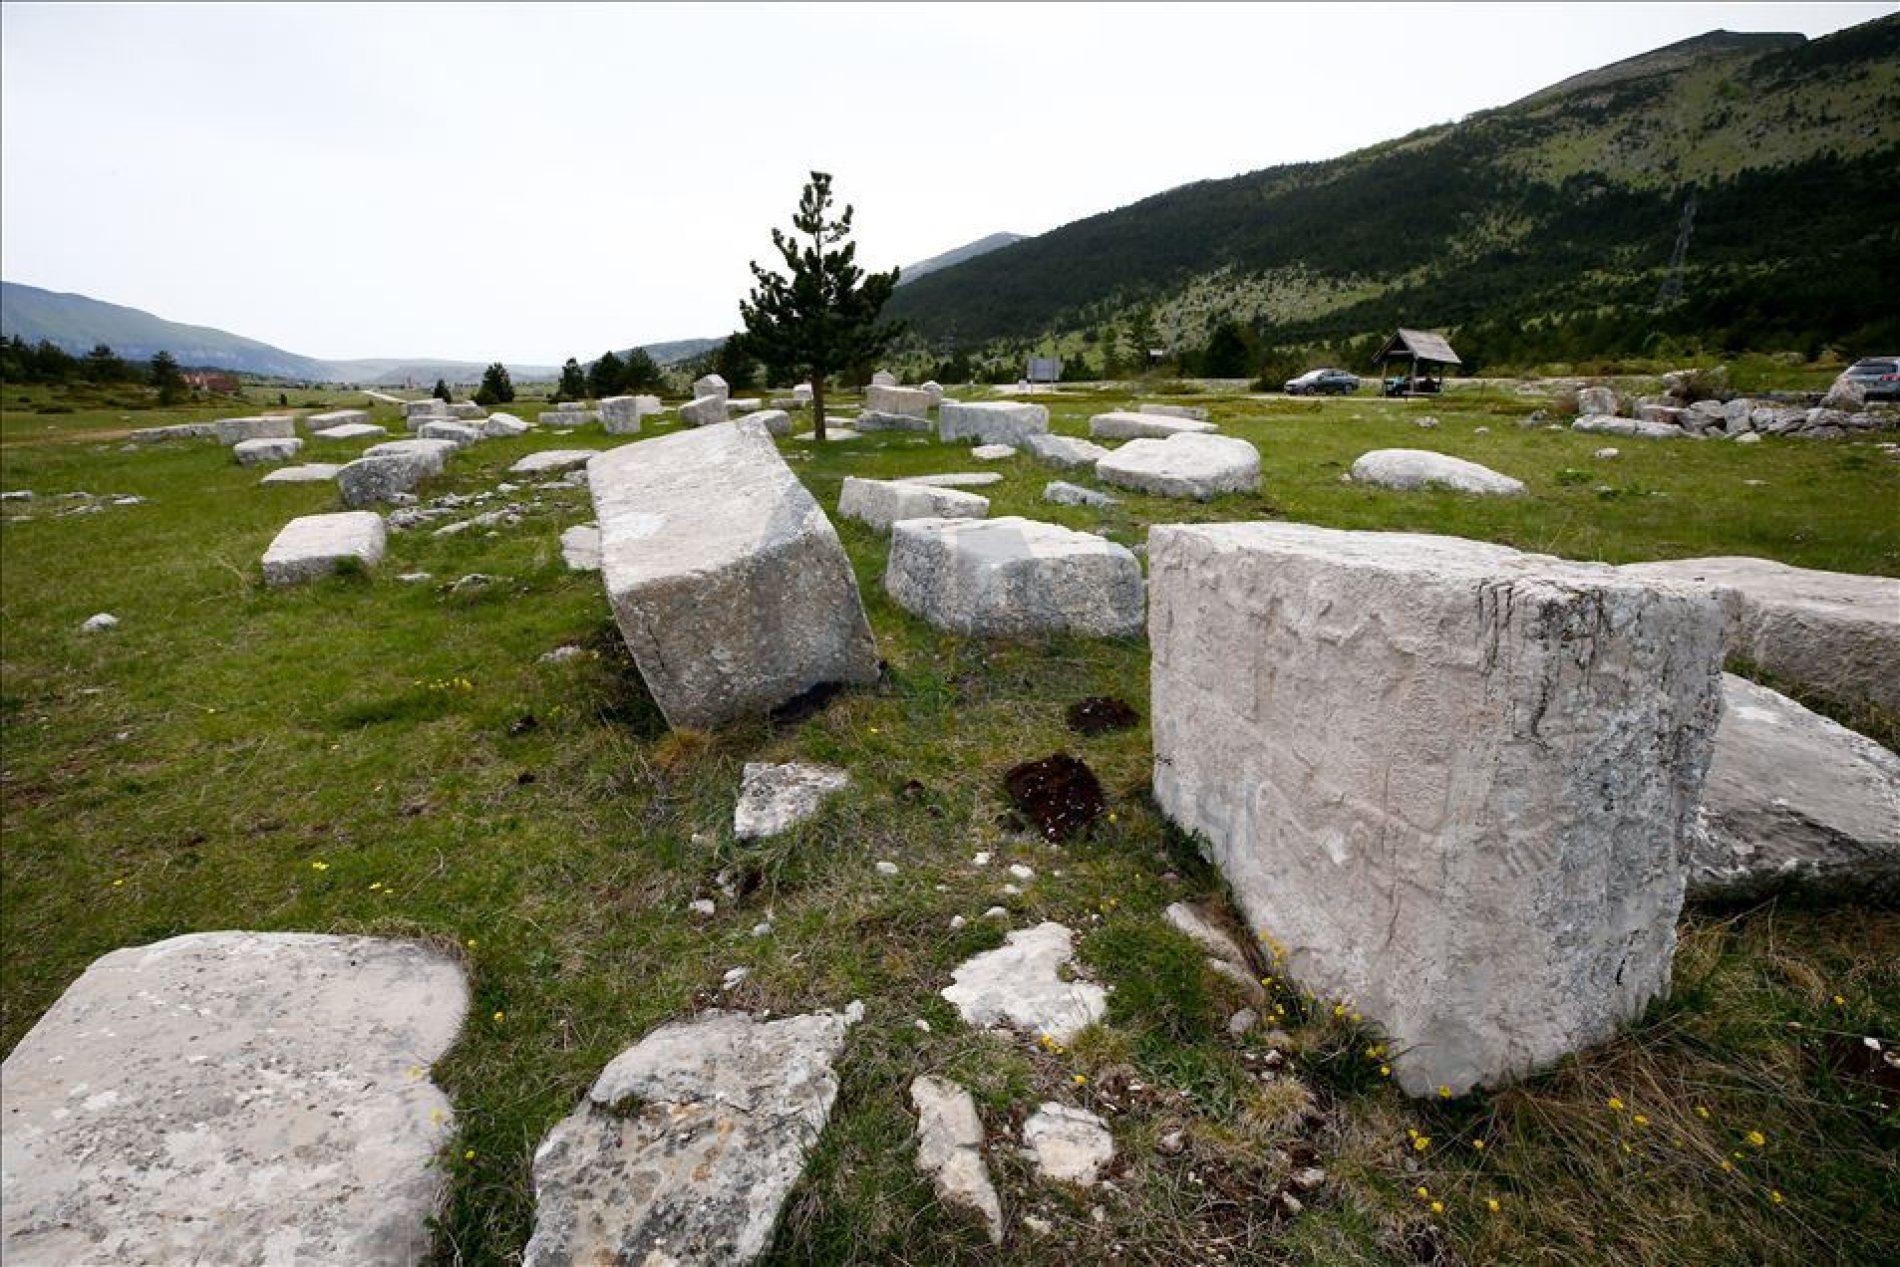 O genocidnim ratovima protiv Bosne i njenog naroda